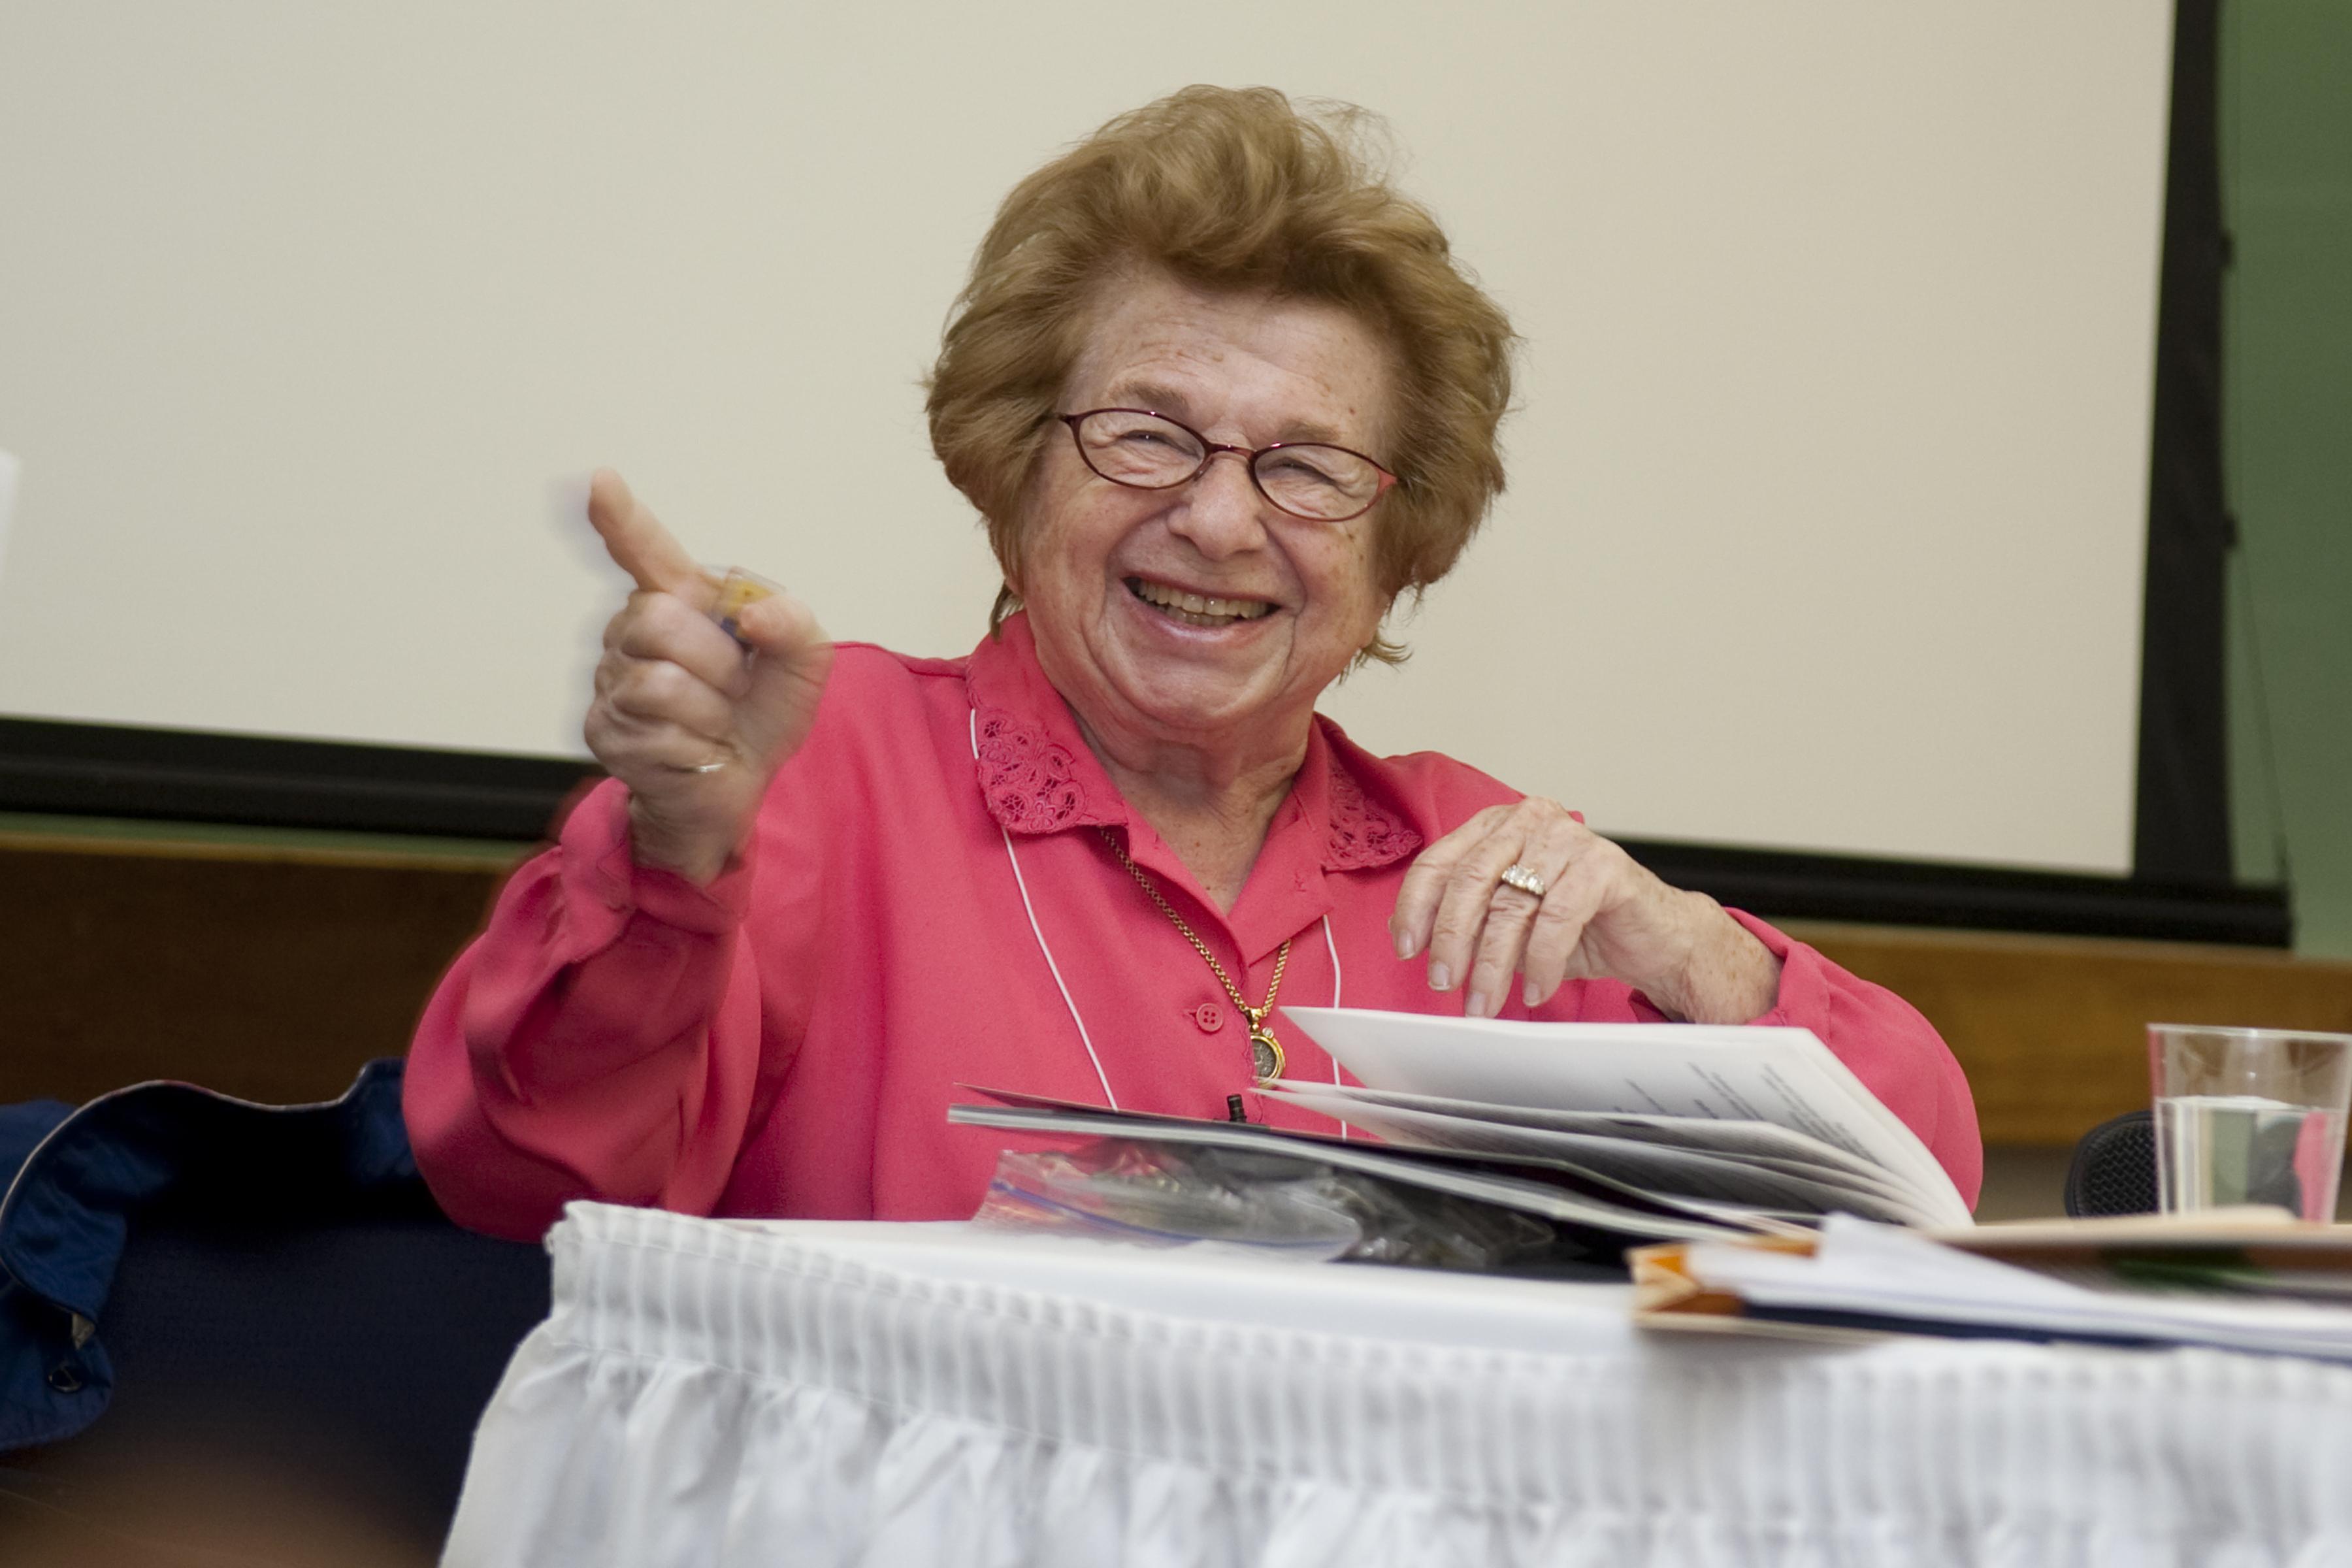 Dr. Ruth Westheimer, Ed.D.